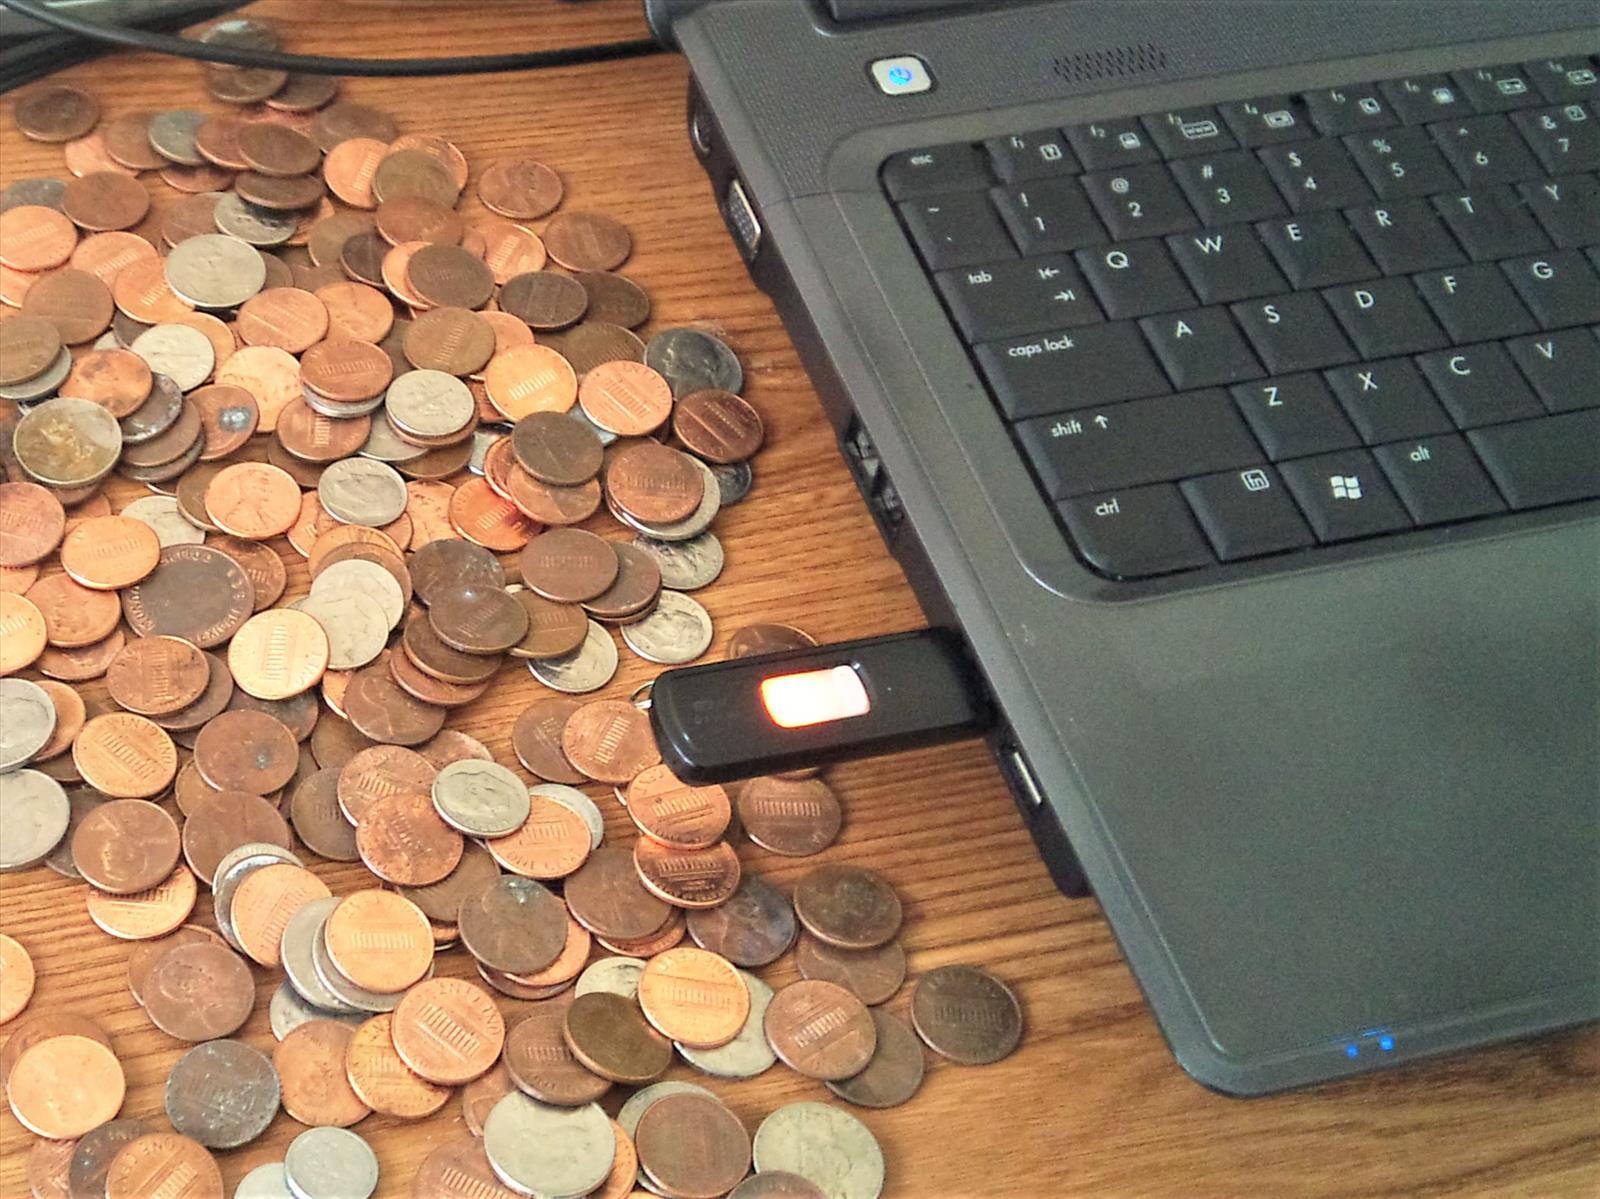 Centavos, Monedas, Computadora, Dinero, Internet